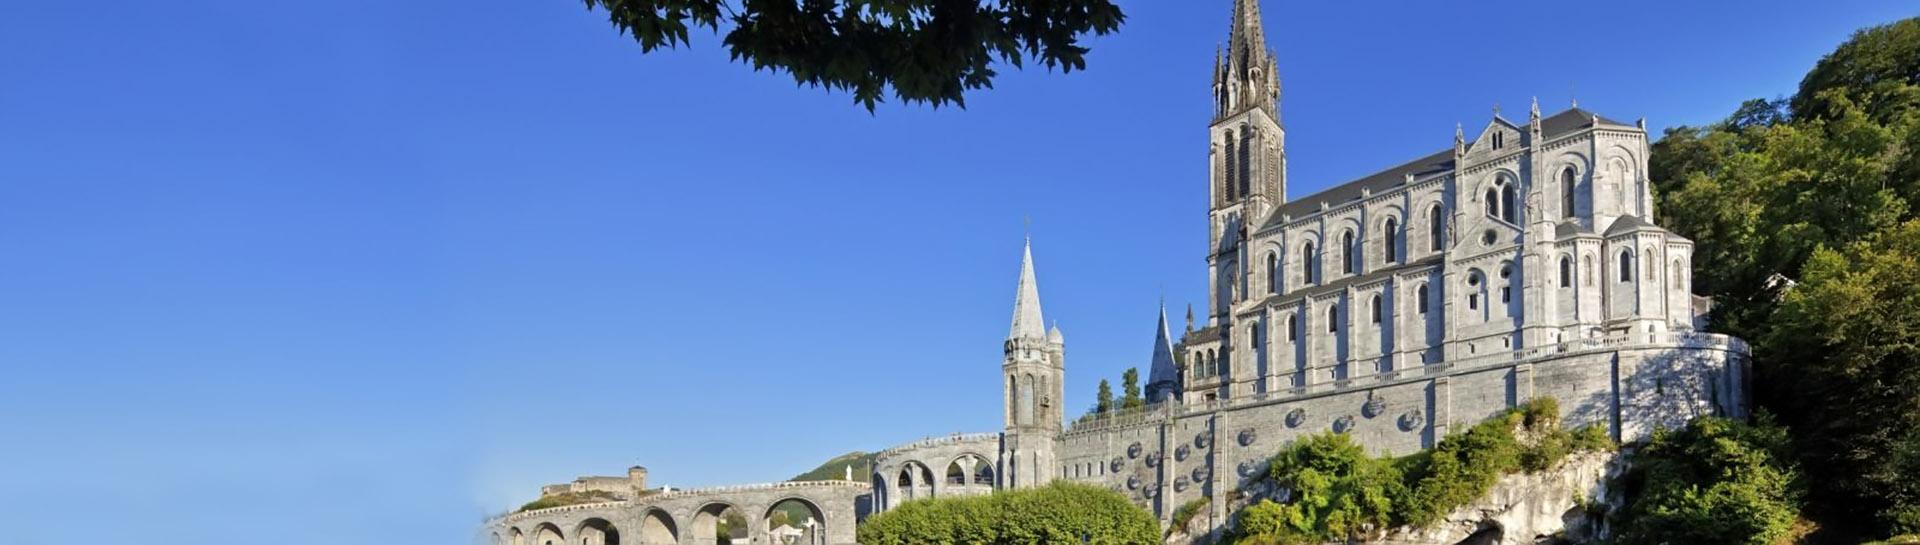 Лурд, Франция